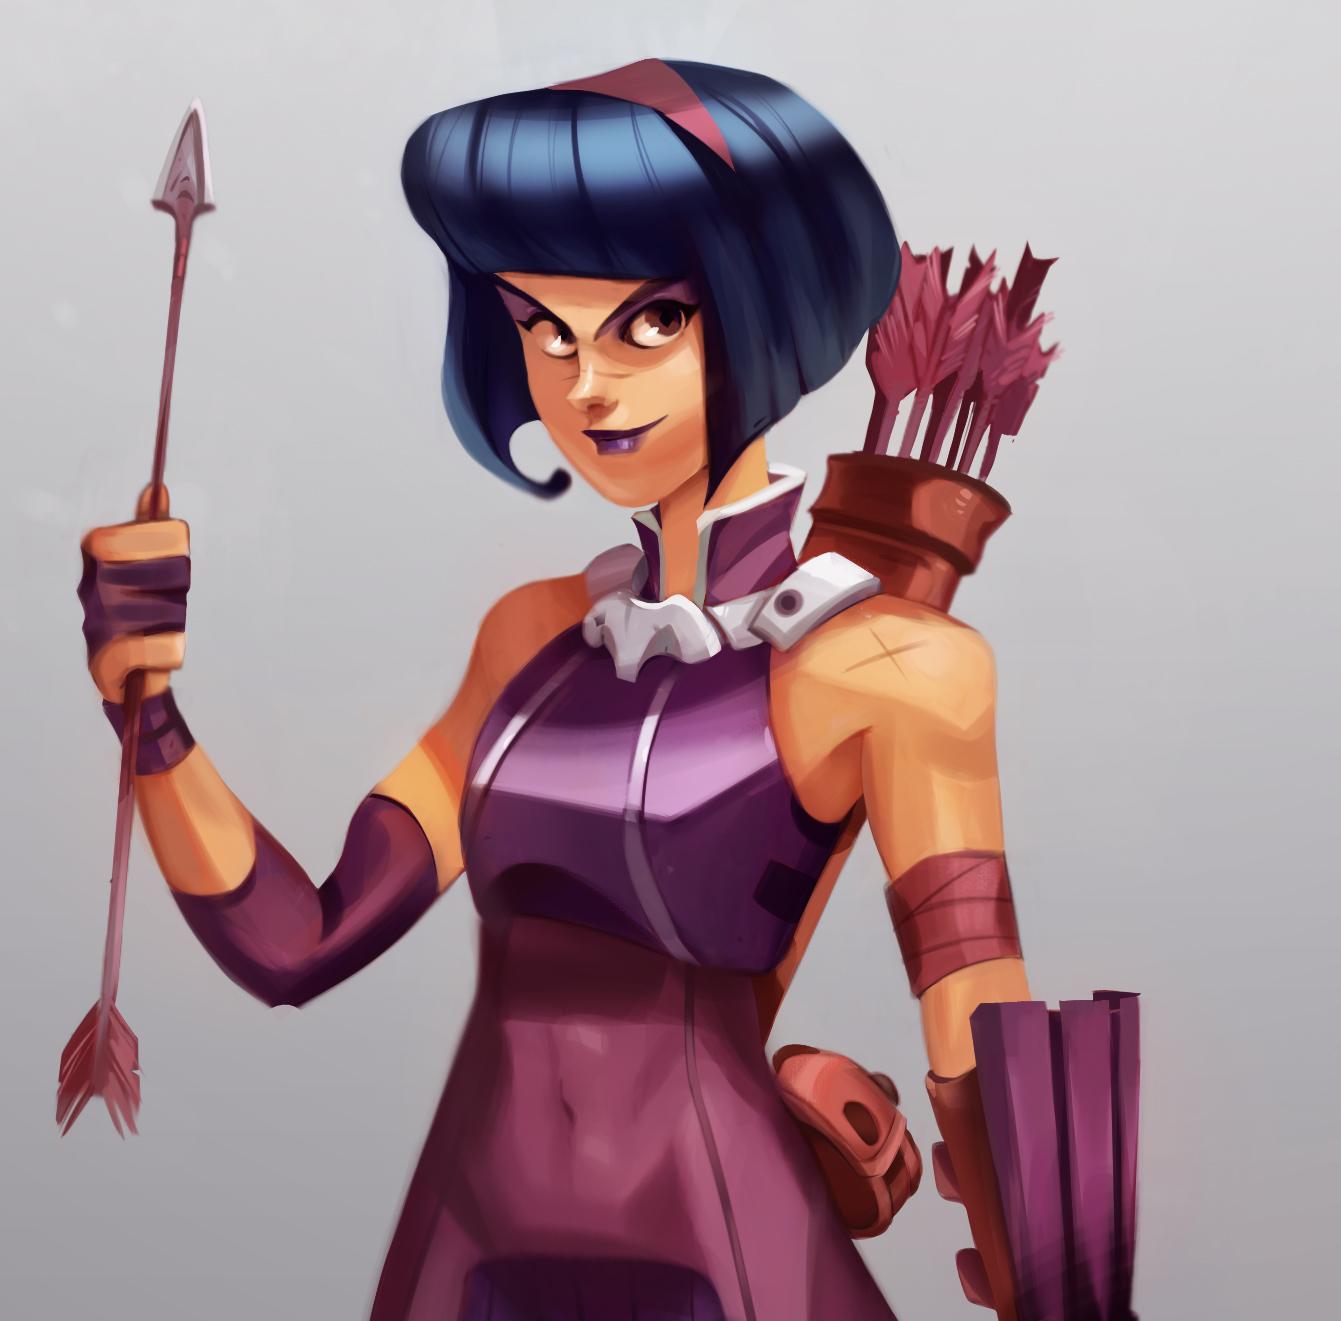 Rogue character!